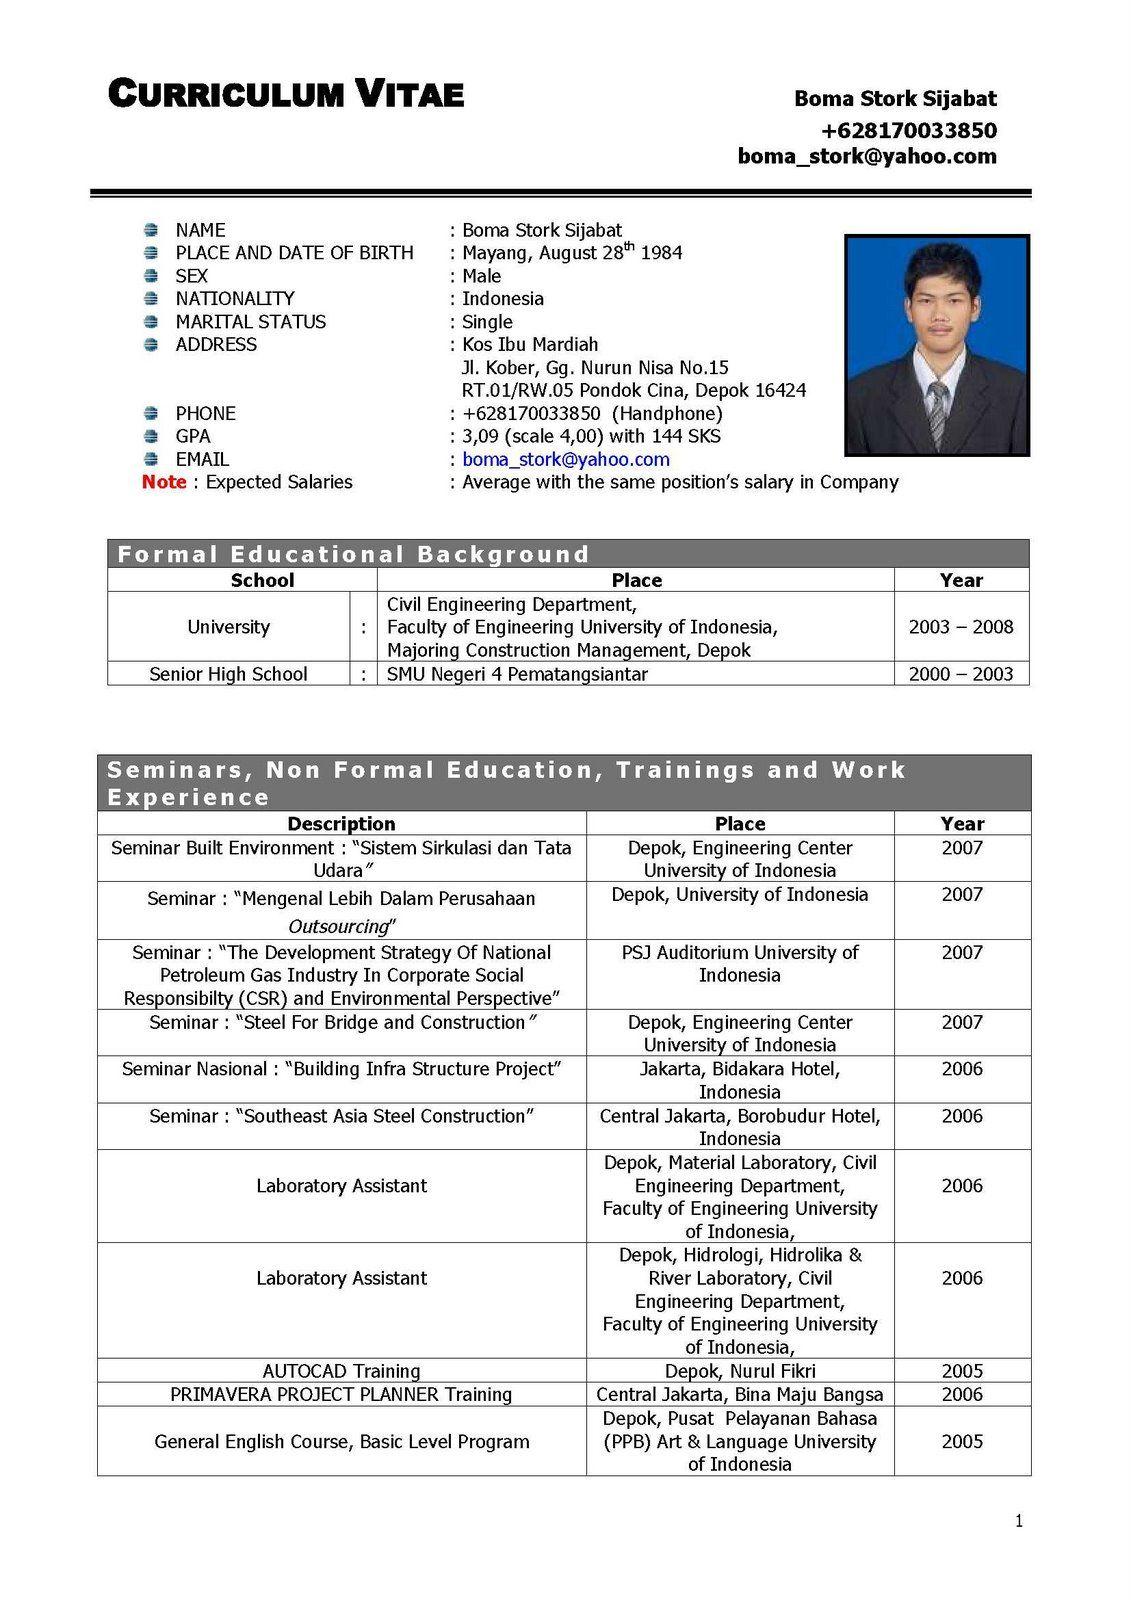 contoh resume pdf bahasa inggris